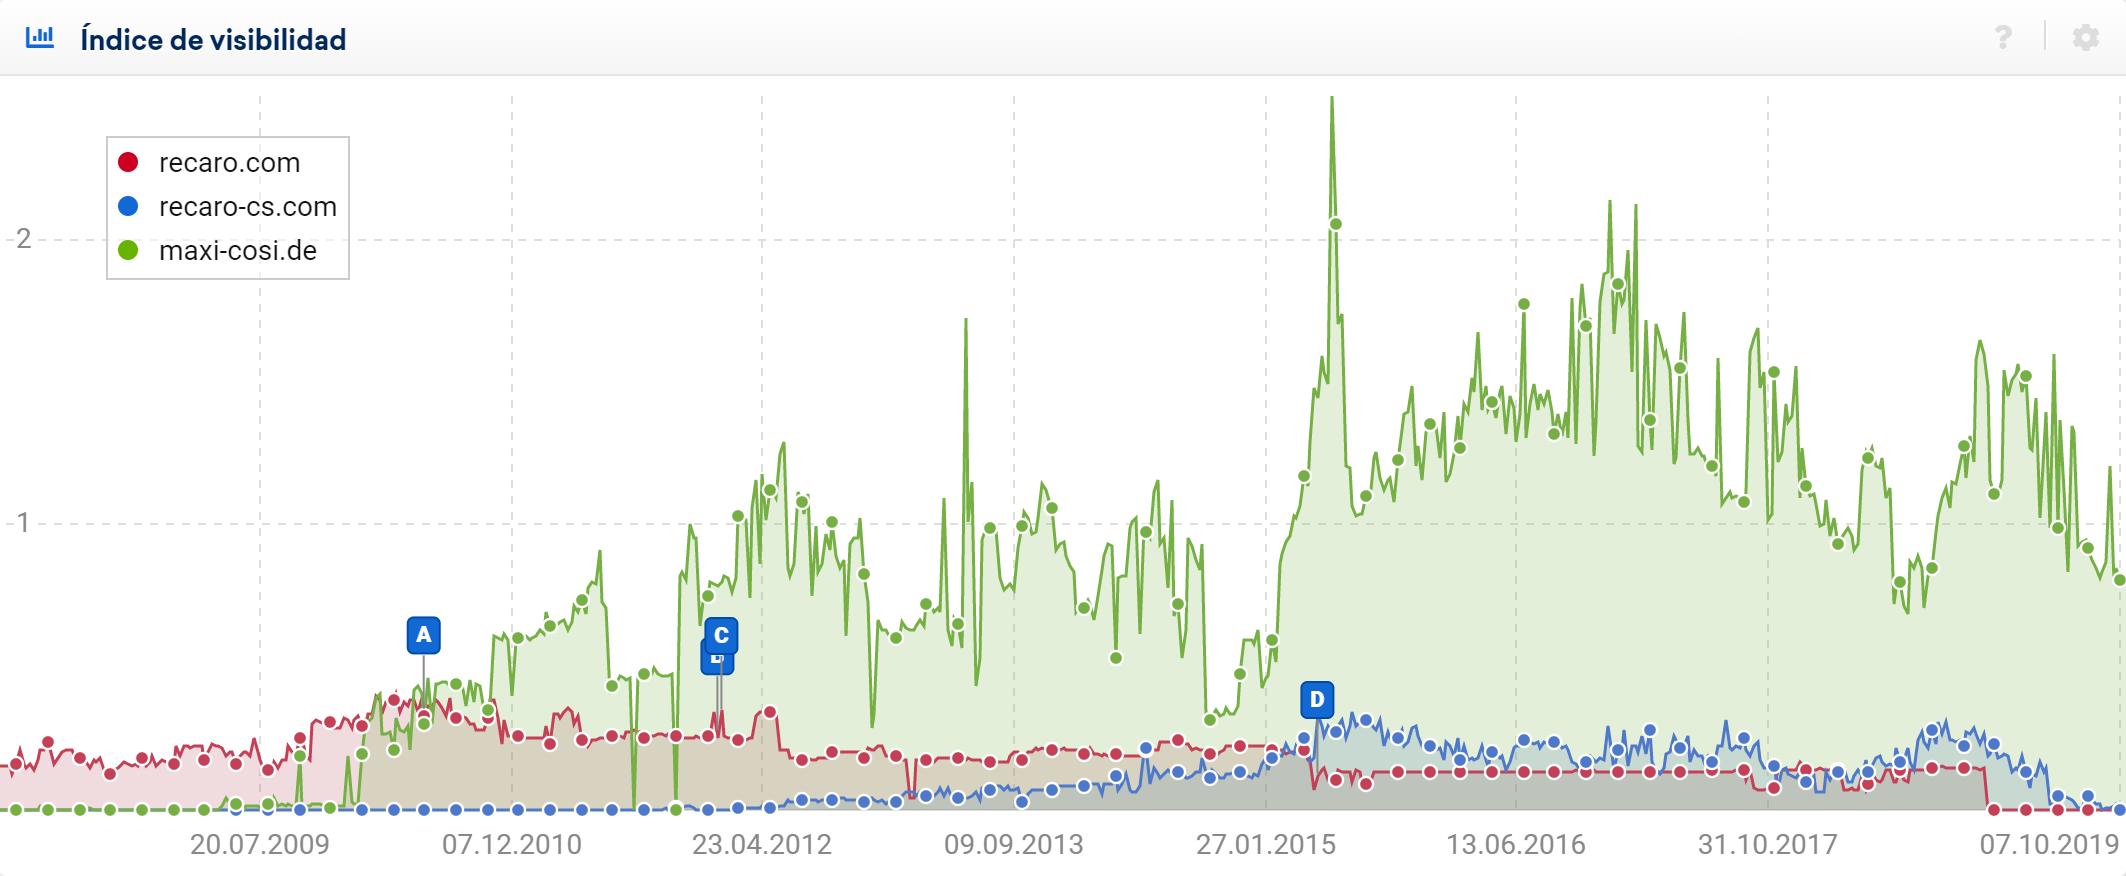 Comparativa del Índice de visibilidad del dominio recaro.com con recaro-cs.com y maxi-cosi.de